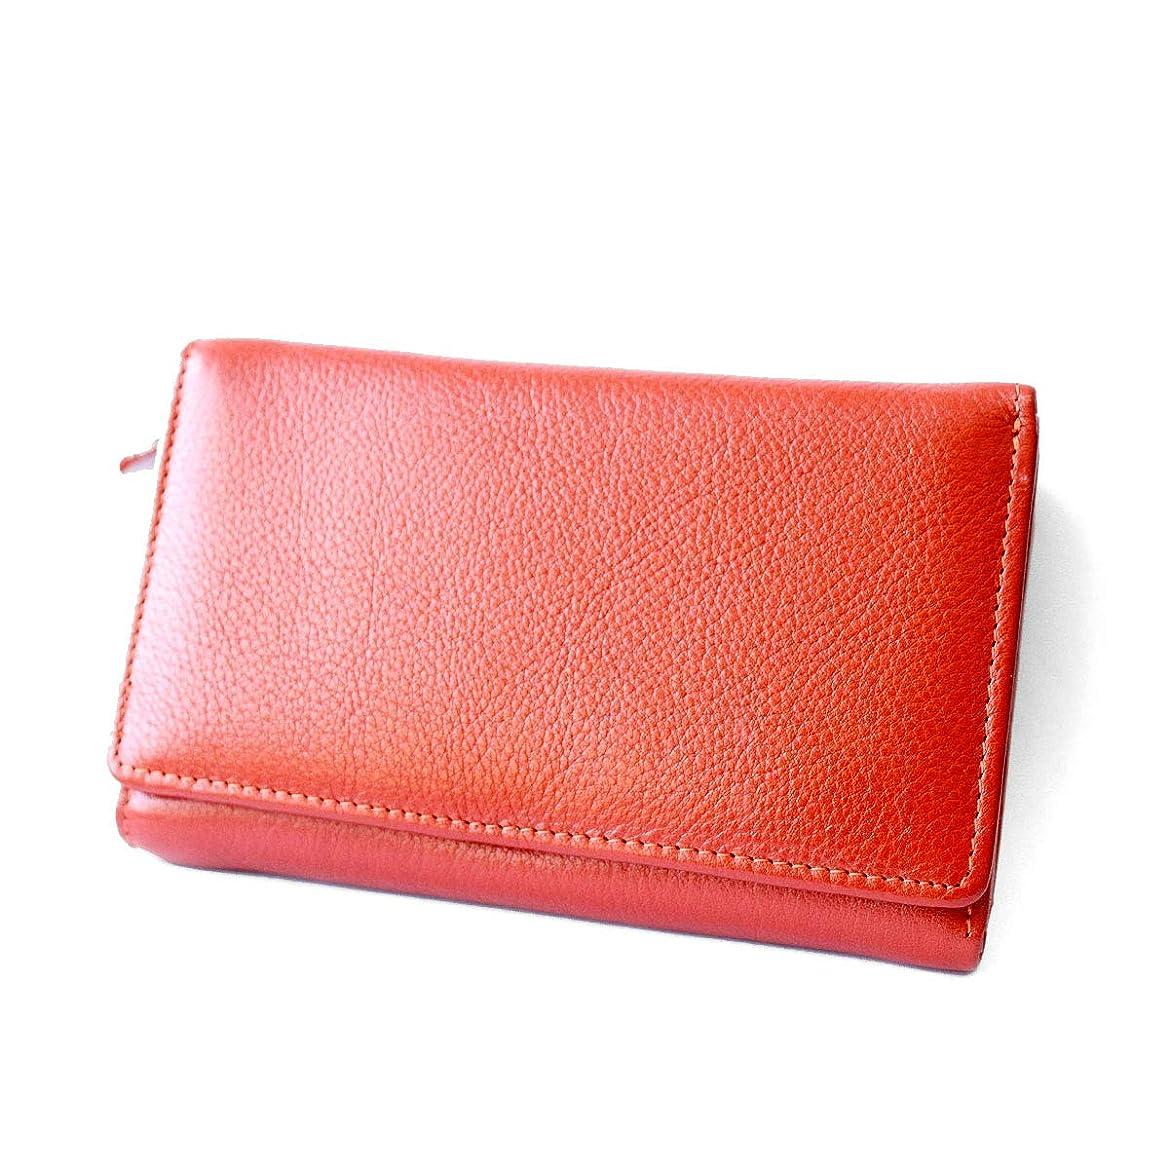 続編用心深い大きい3つ折り財布 レザーウォレット メンズ レディース ユニセックス 本革 シュリンクレザー ミドルサイズ 大容量カードケース 小銭入れあり